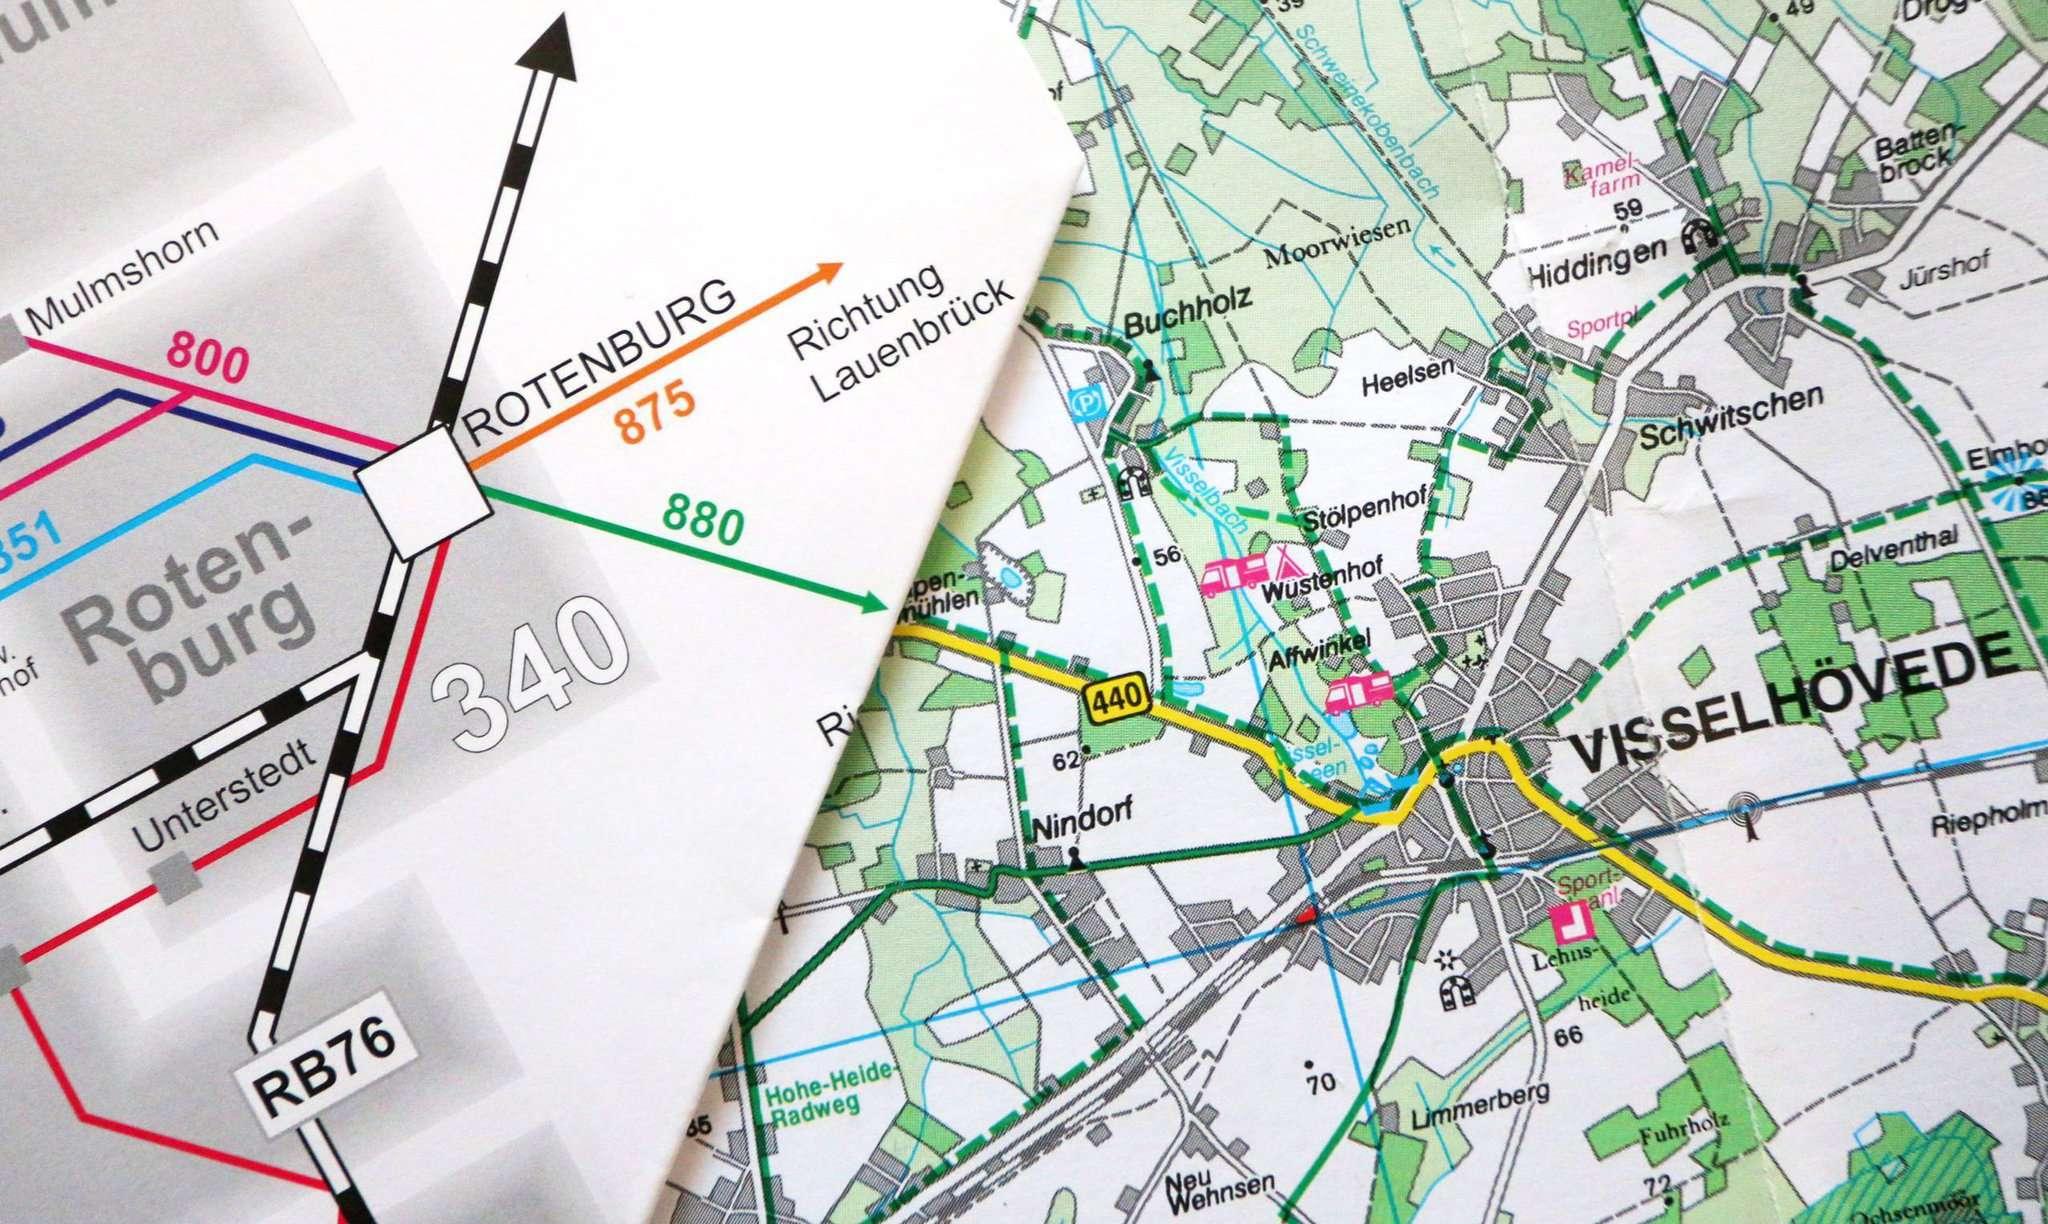 Noch endet das Liniensystem des VBN hinter Rotenburg im Nirgendwo, ab dem 1. August soll das anders sein, dann gehört auch Visselhövede dem Tarifverbund an. Foto: Dennis Bartz